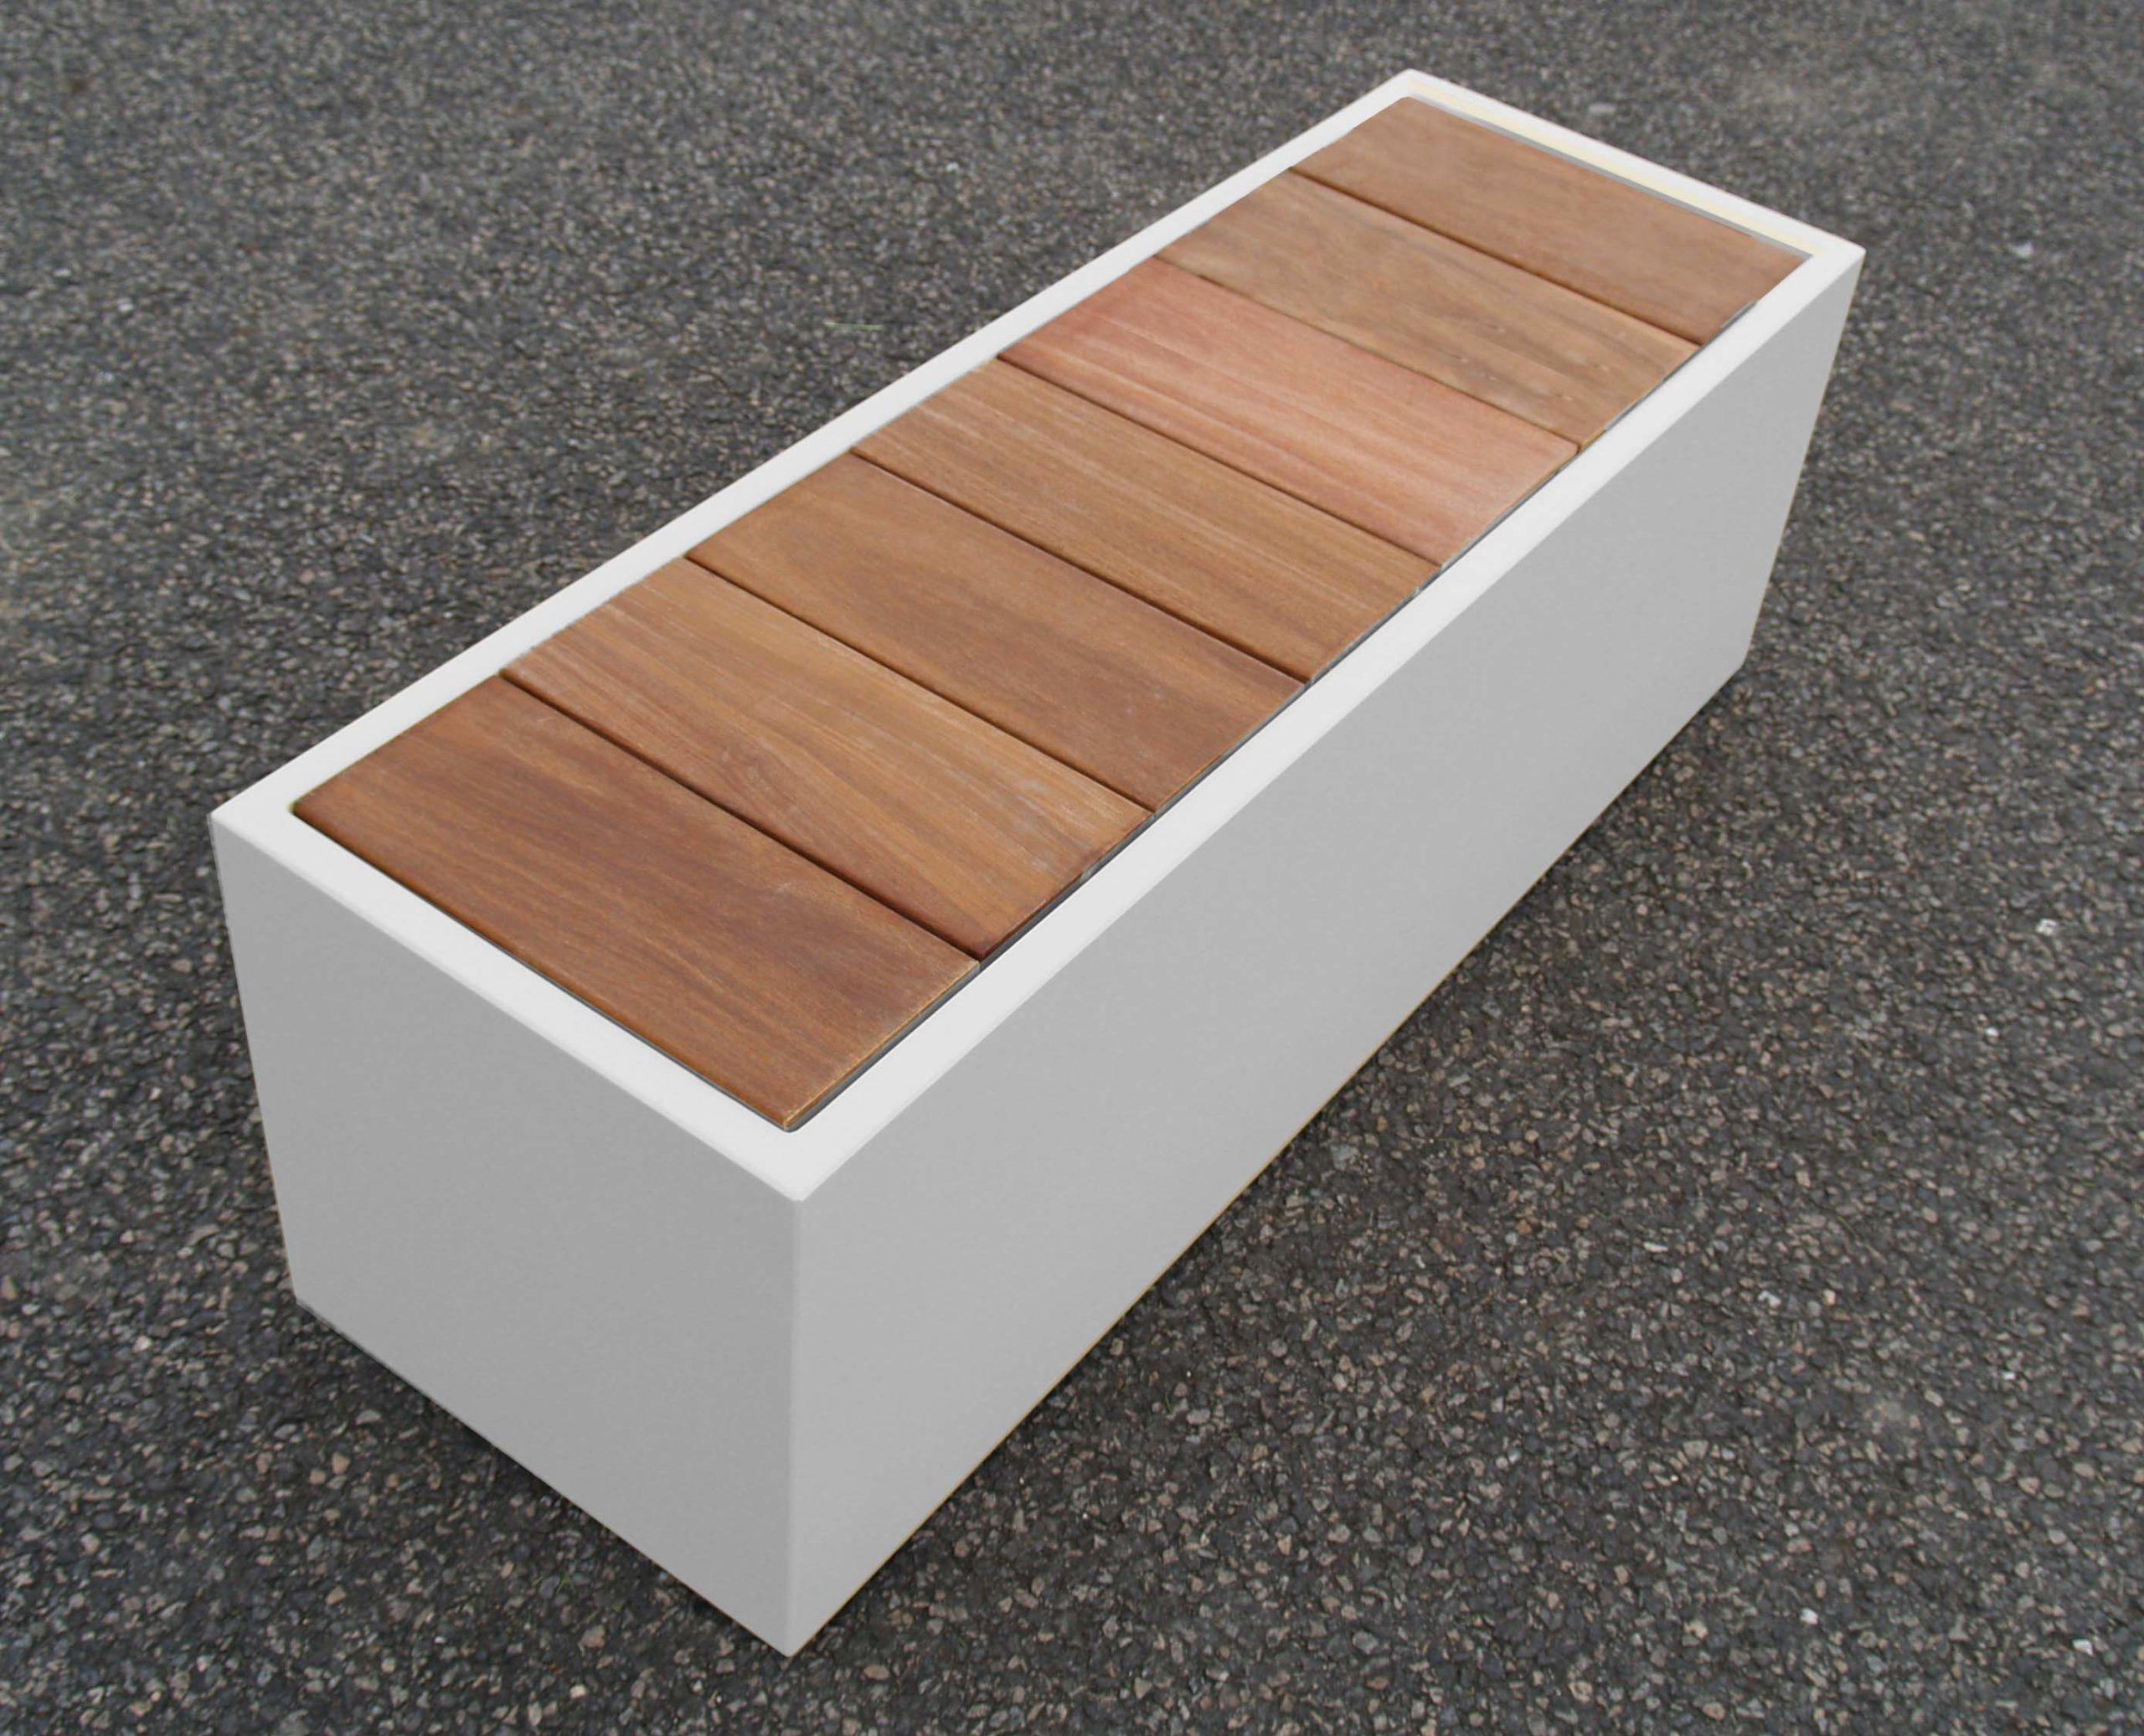 Coffre de jardin IMAGE'IN couvercle bois encastré lames transversales